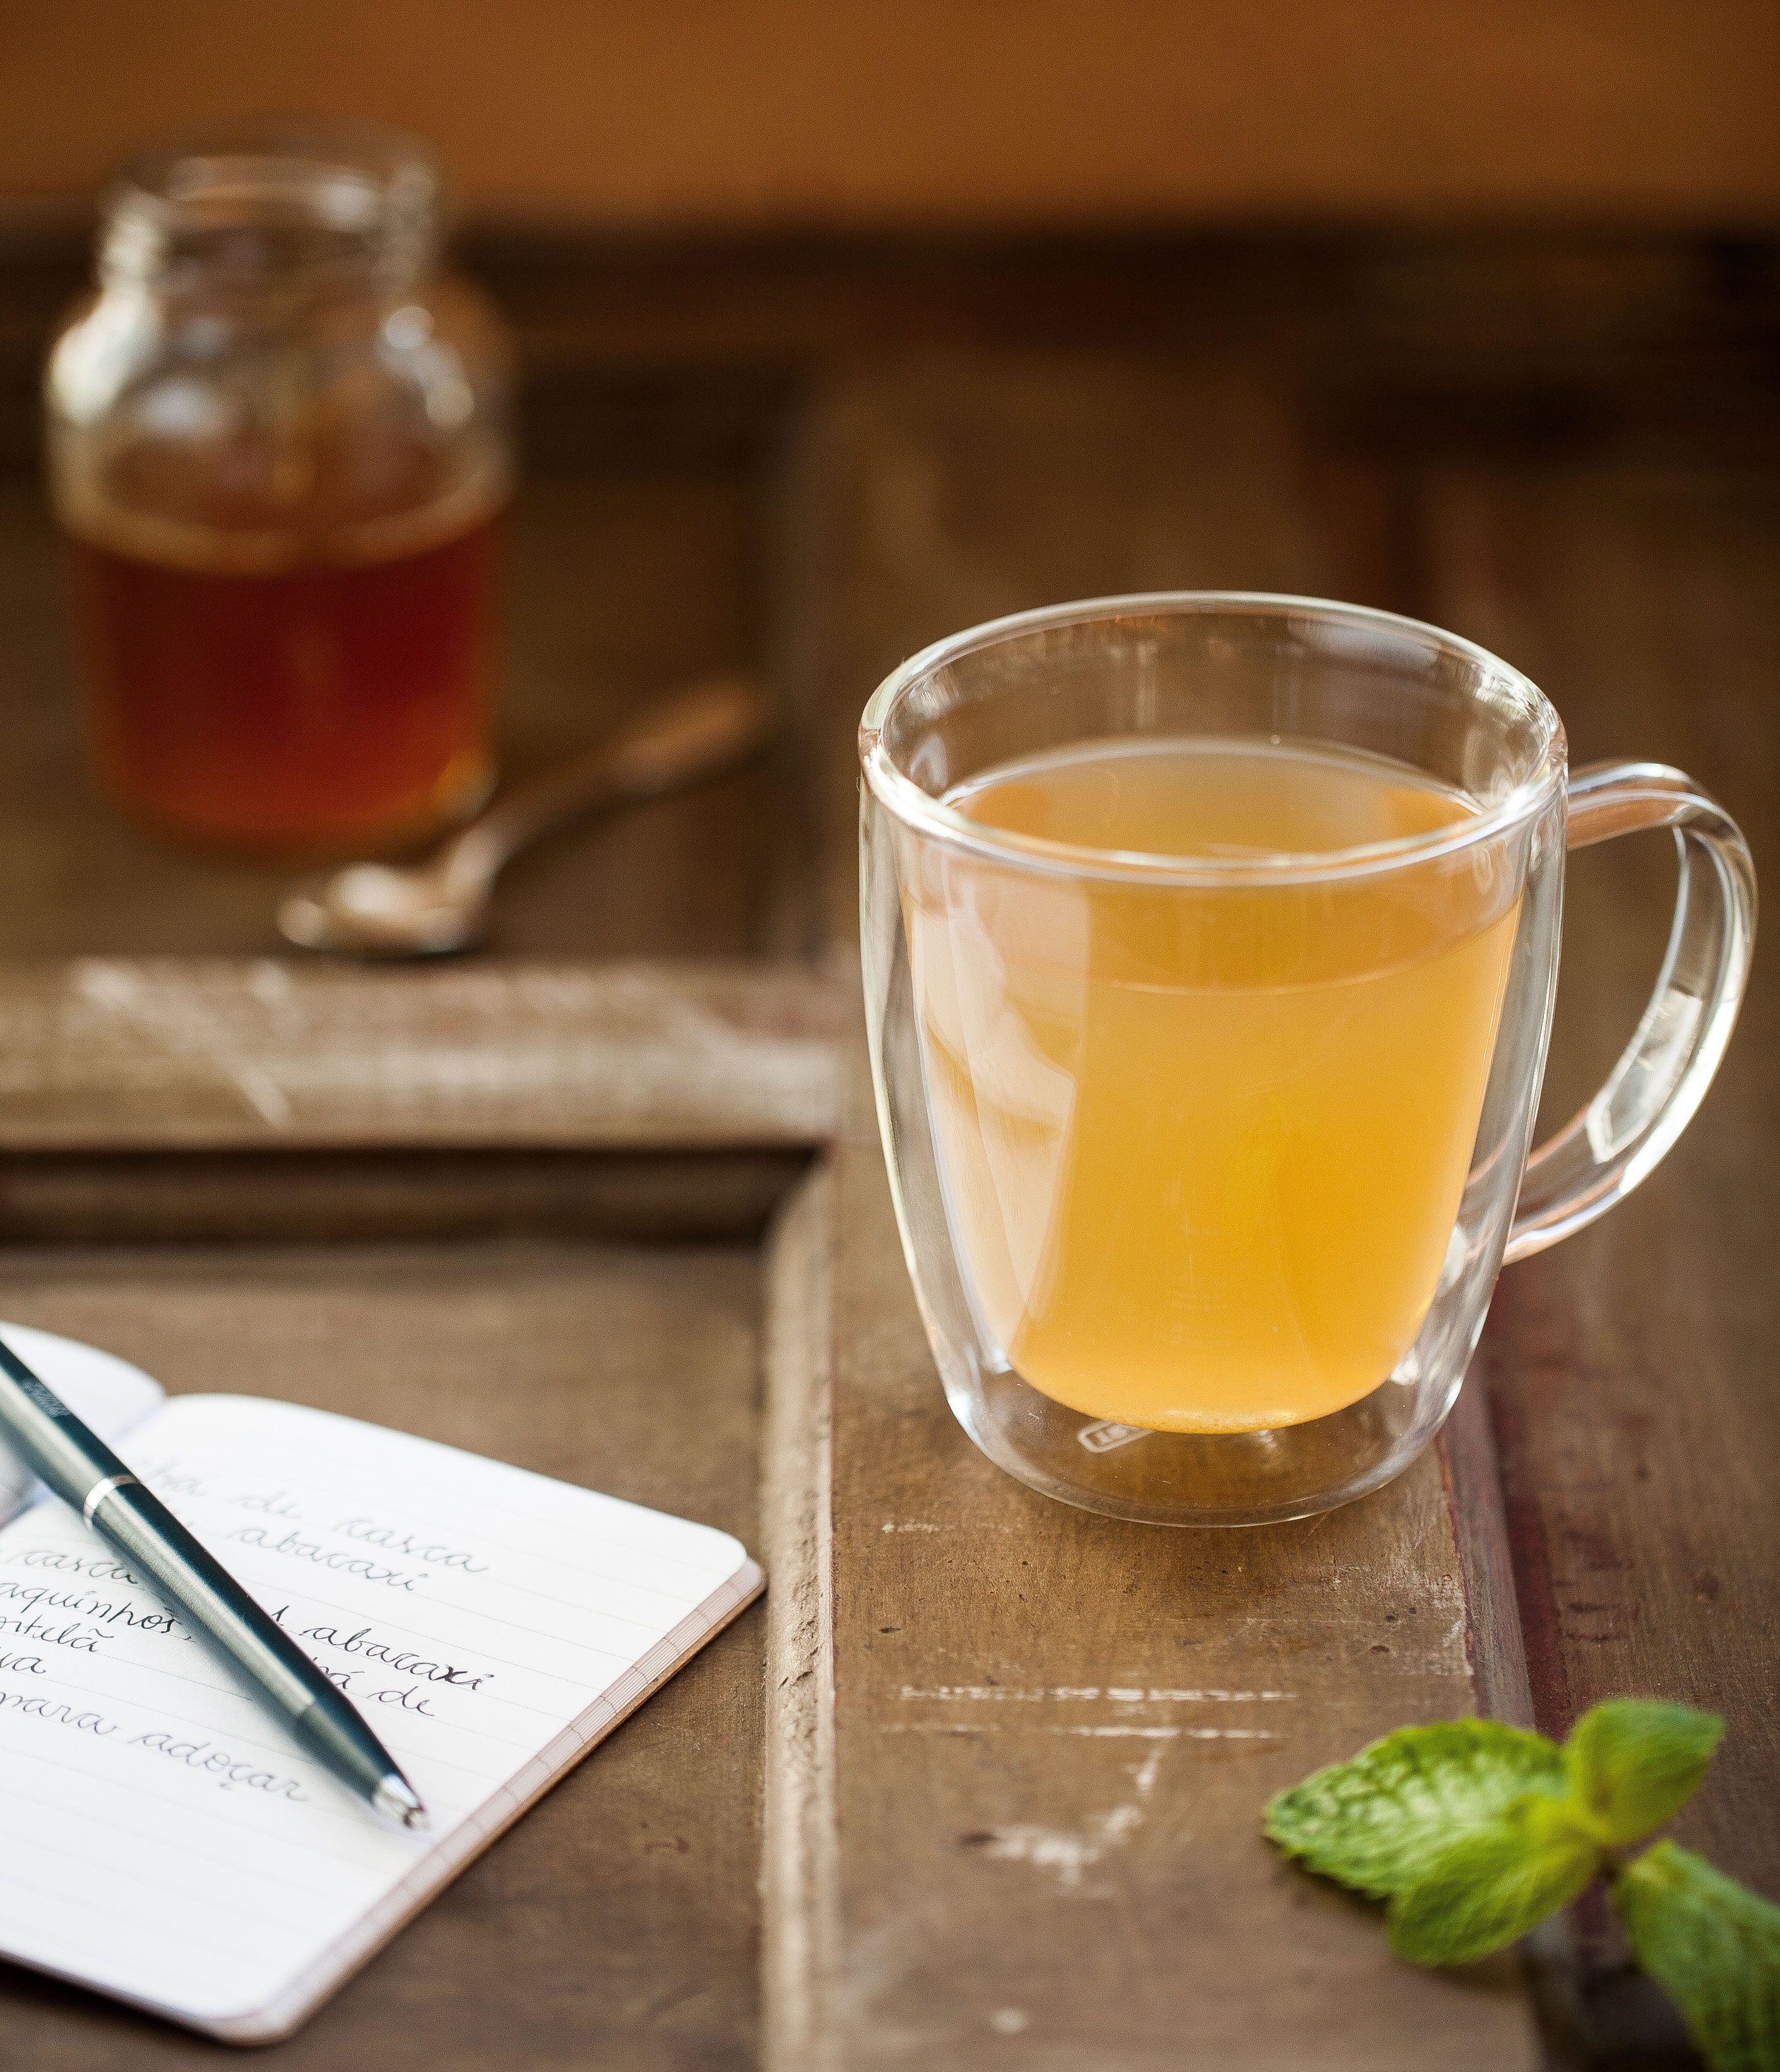 Chá de casca de abacaxi com hortelã | #ReceitaPanelinha: Quem disse que a combinação de abacaxi com hortelã só vai bem em suco? Experimente aproveitar as cascas da fruta e preparar um chá que, além de saboroso, é digestivo.